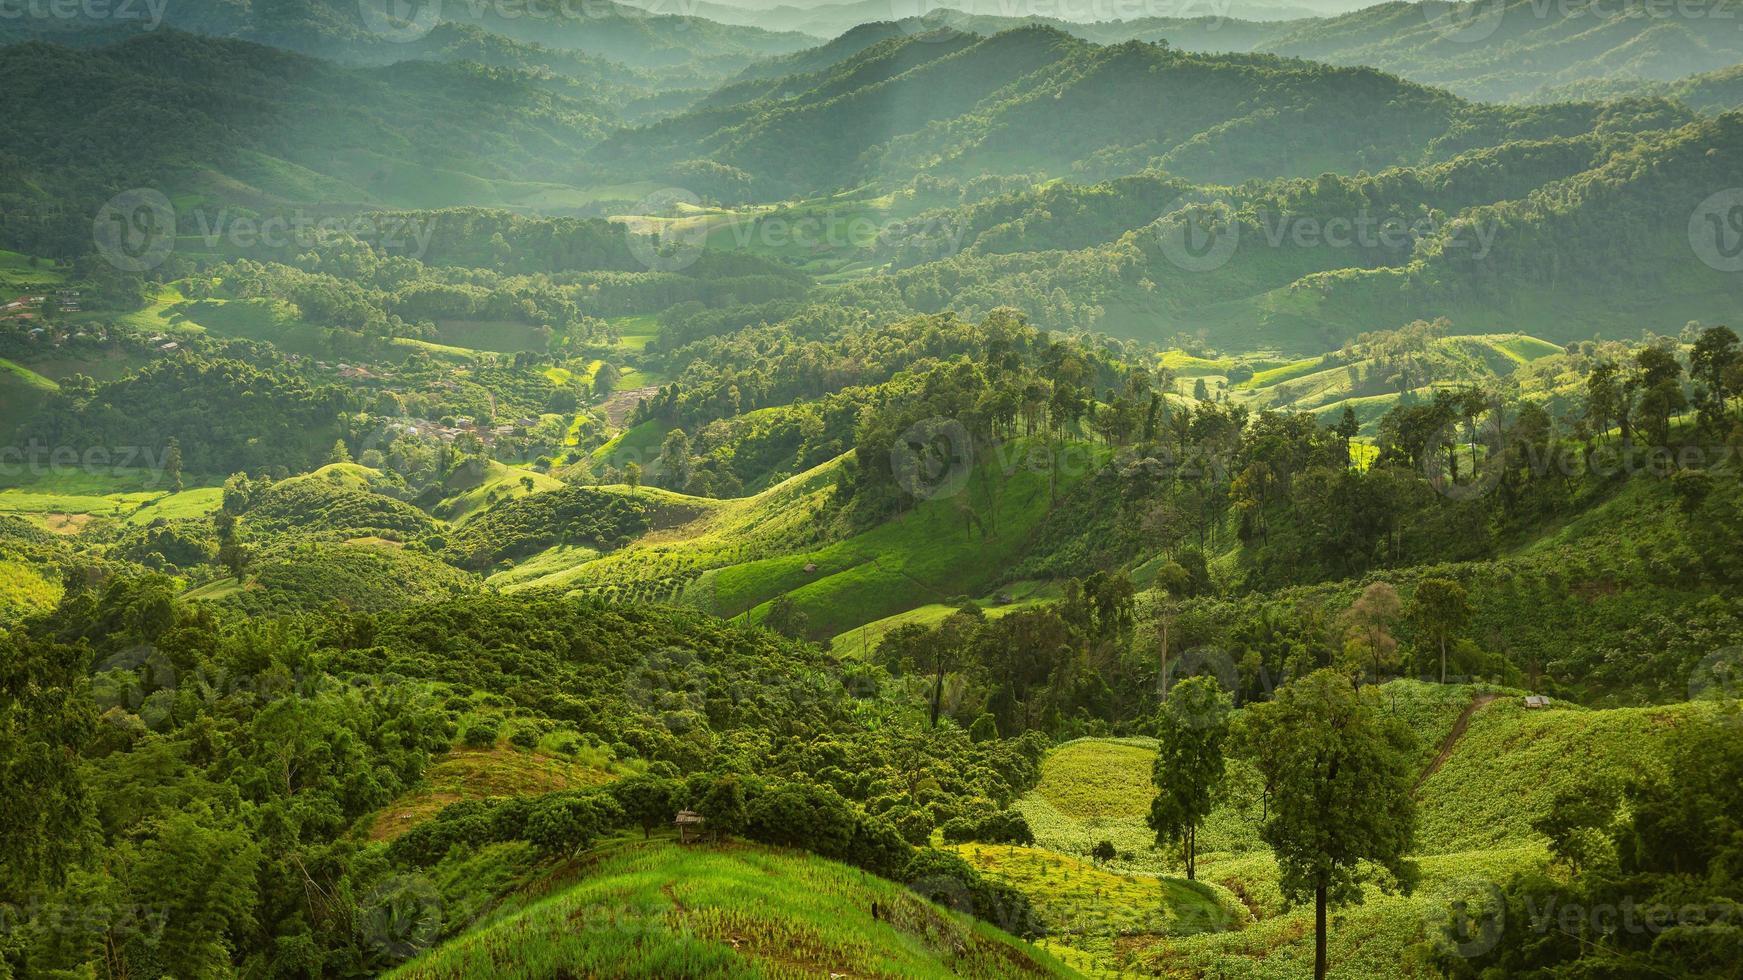 paysage avec champ de maïs vert, forêt, montagnes photo